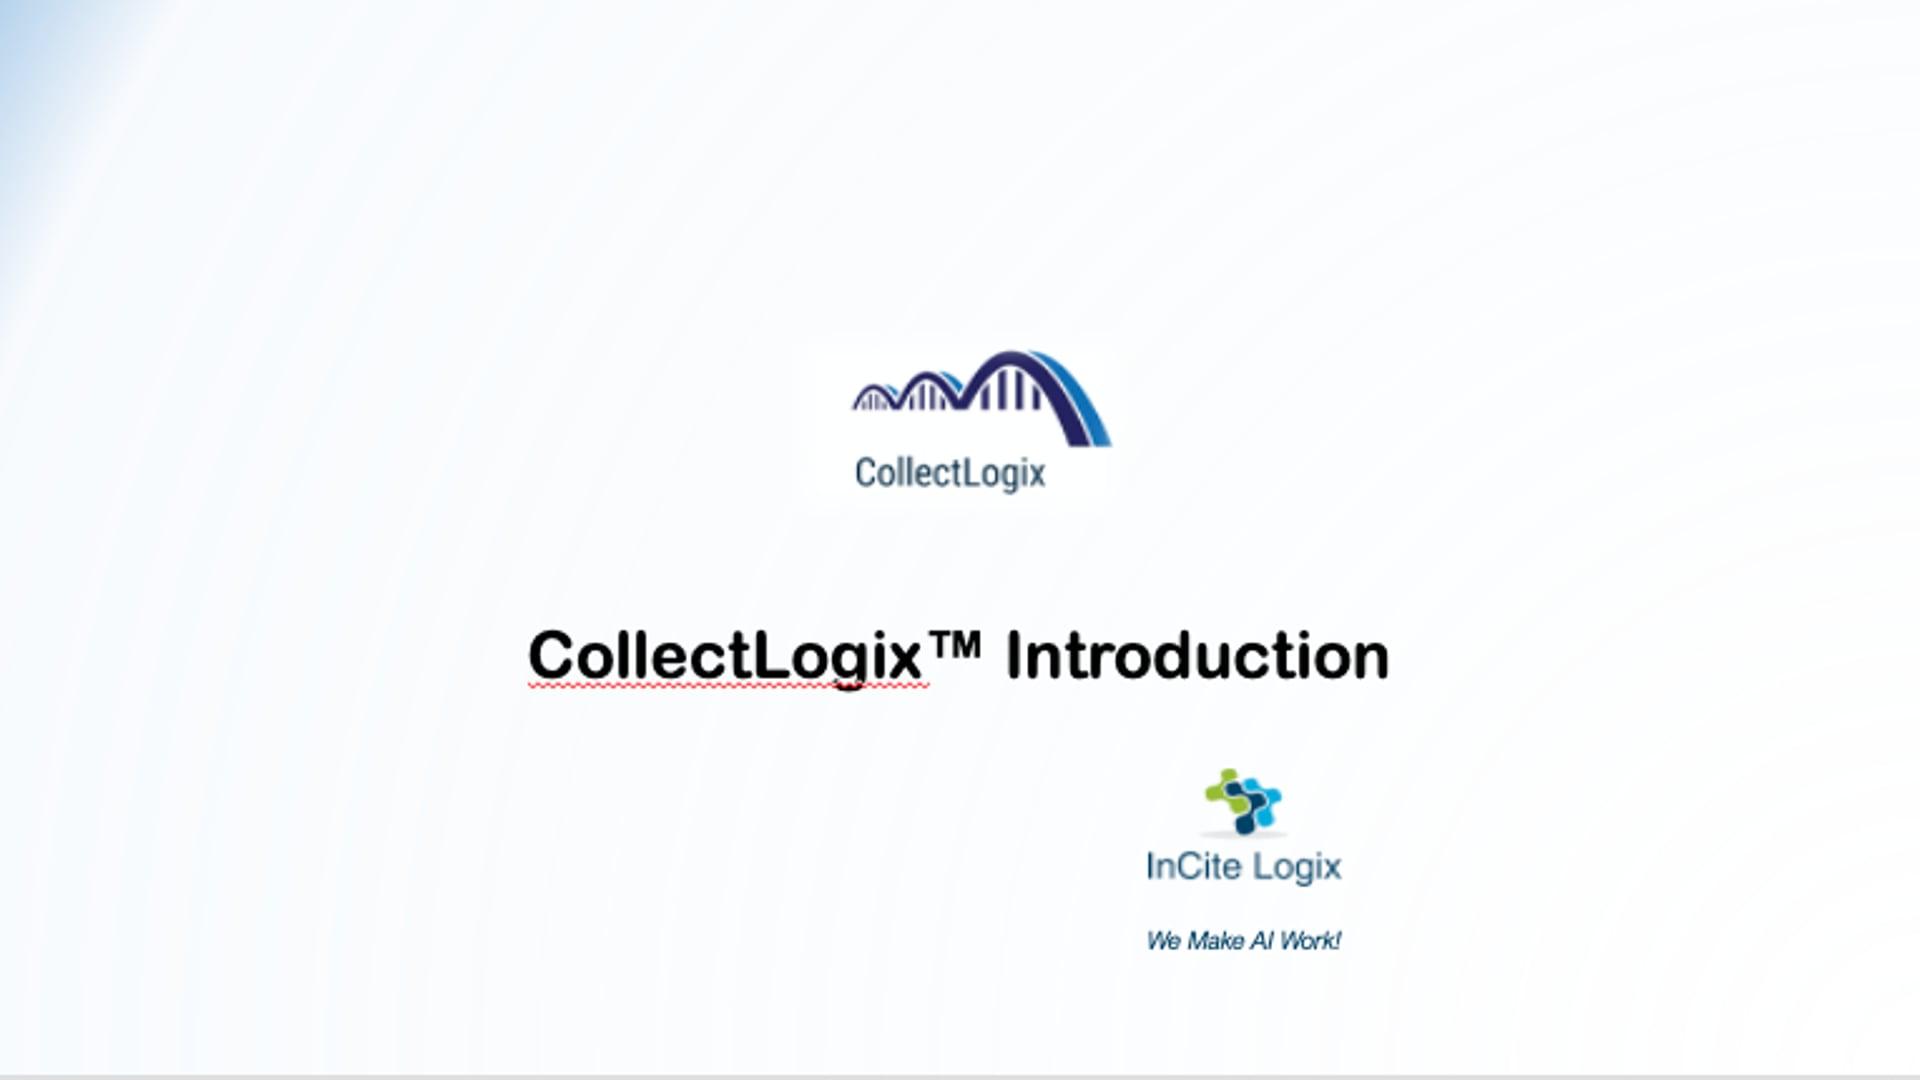 CollectLogix(TM) Intro